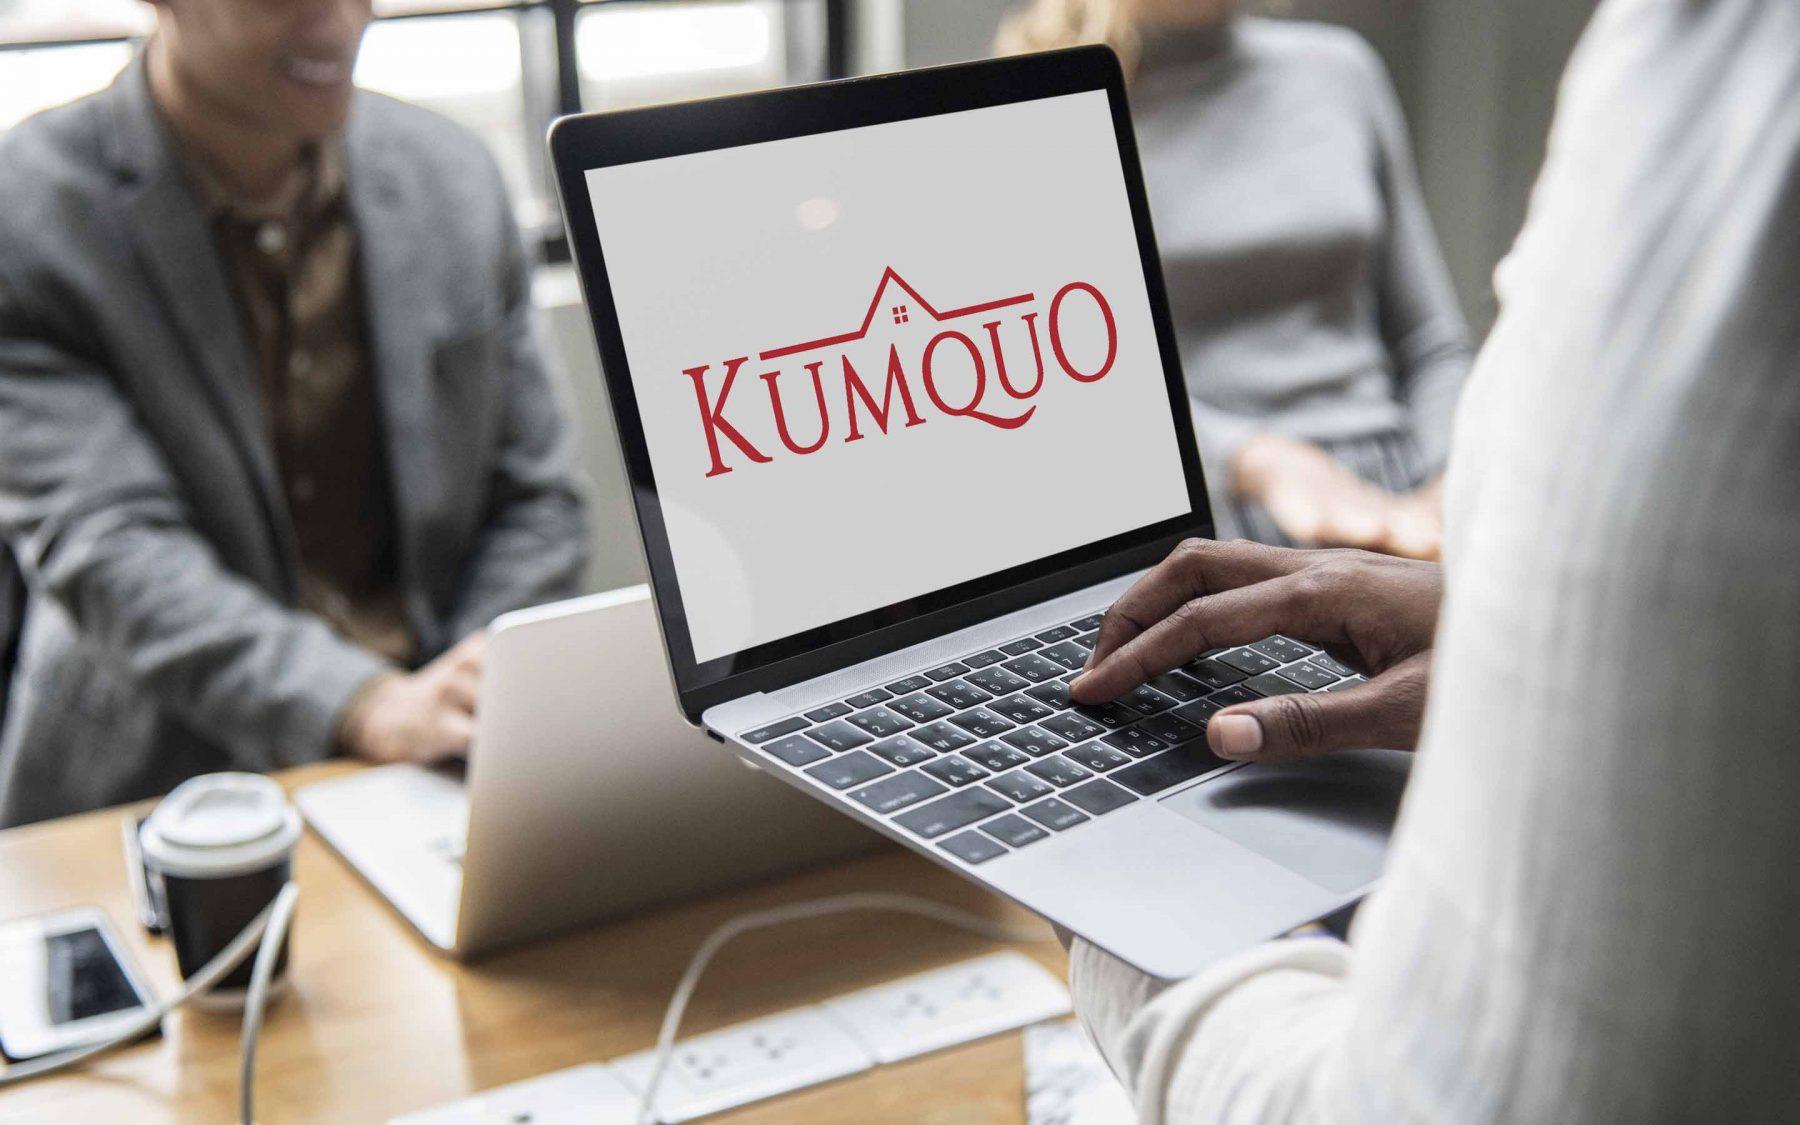 Kumquo 2